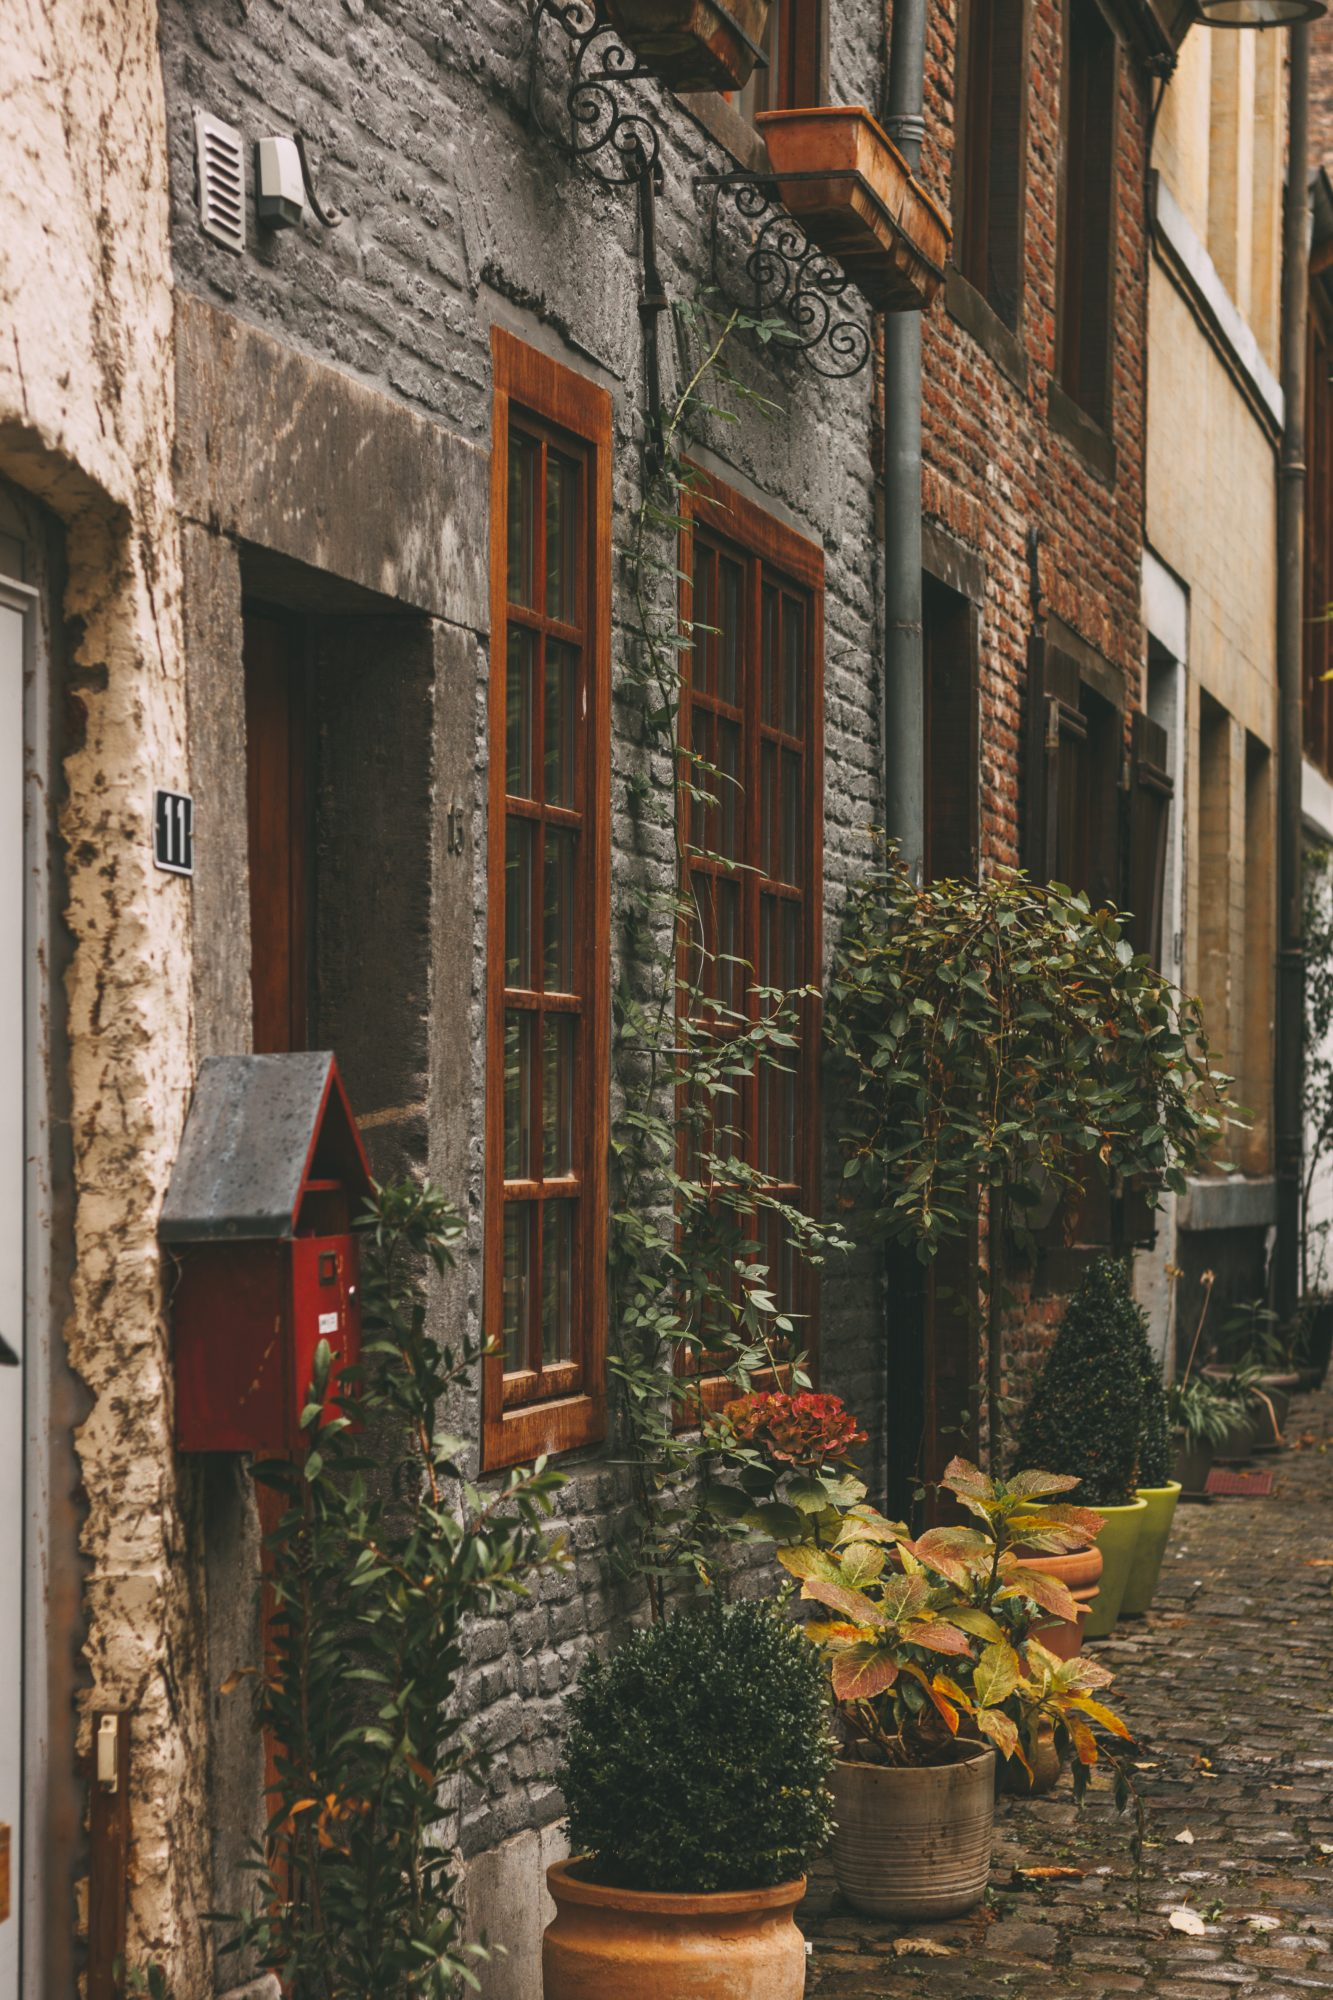 Impasse de la Couronne, Liège